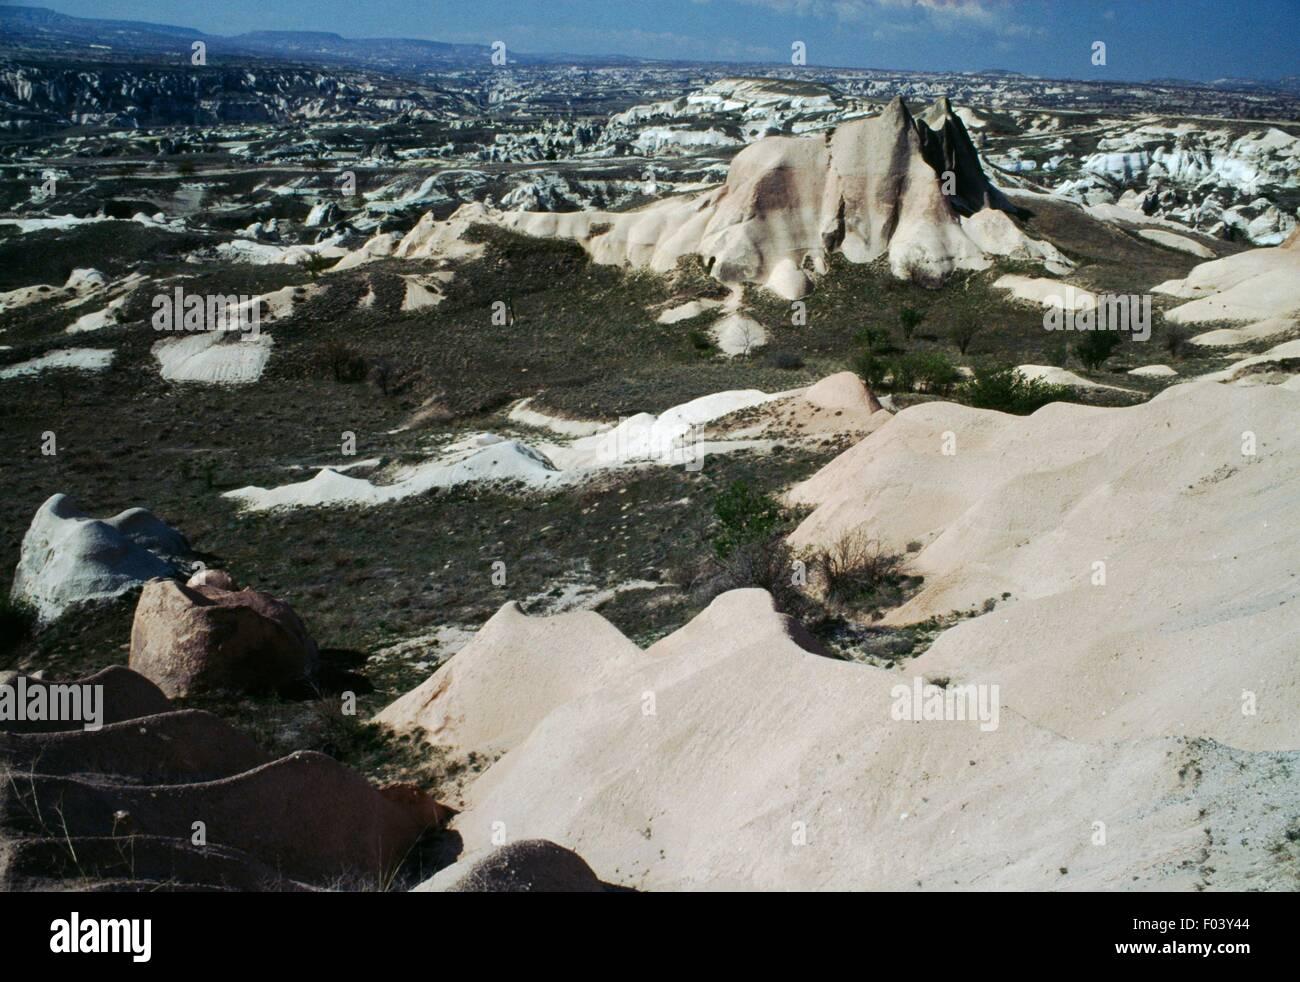 Con su peculiar paisaje erosionado formaciones de toba volcánica, Cappadocia, Turquía. Imagen De Stock